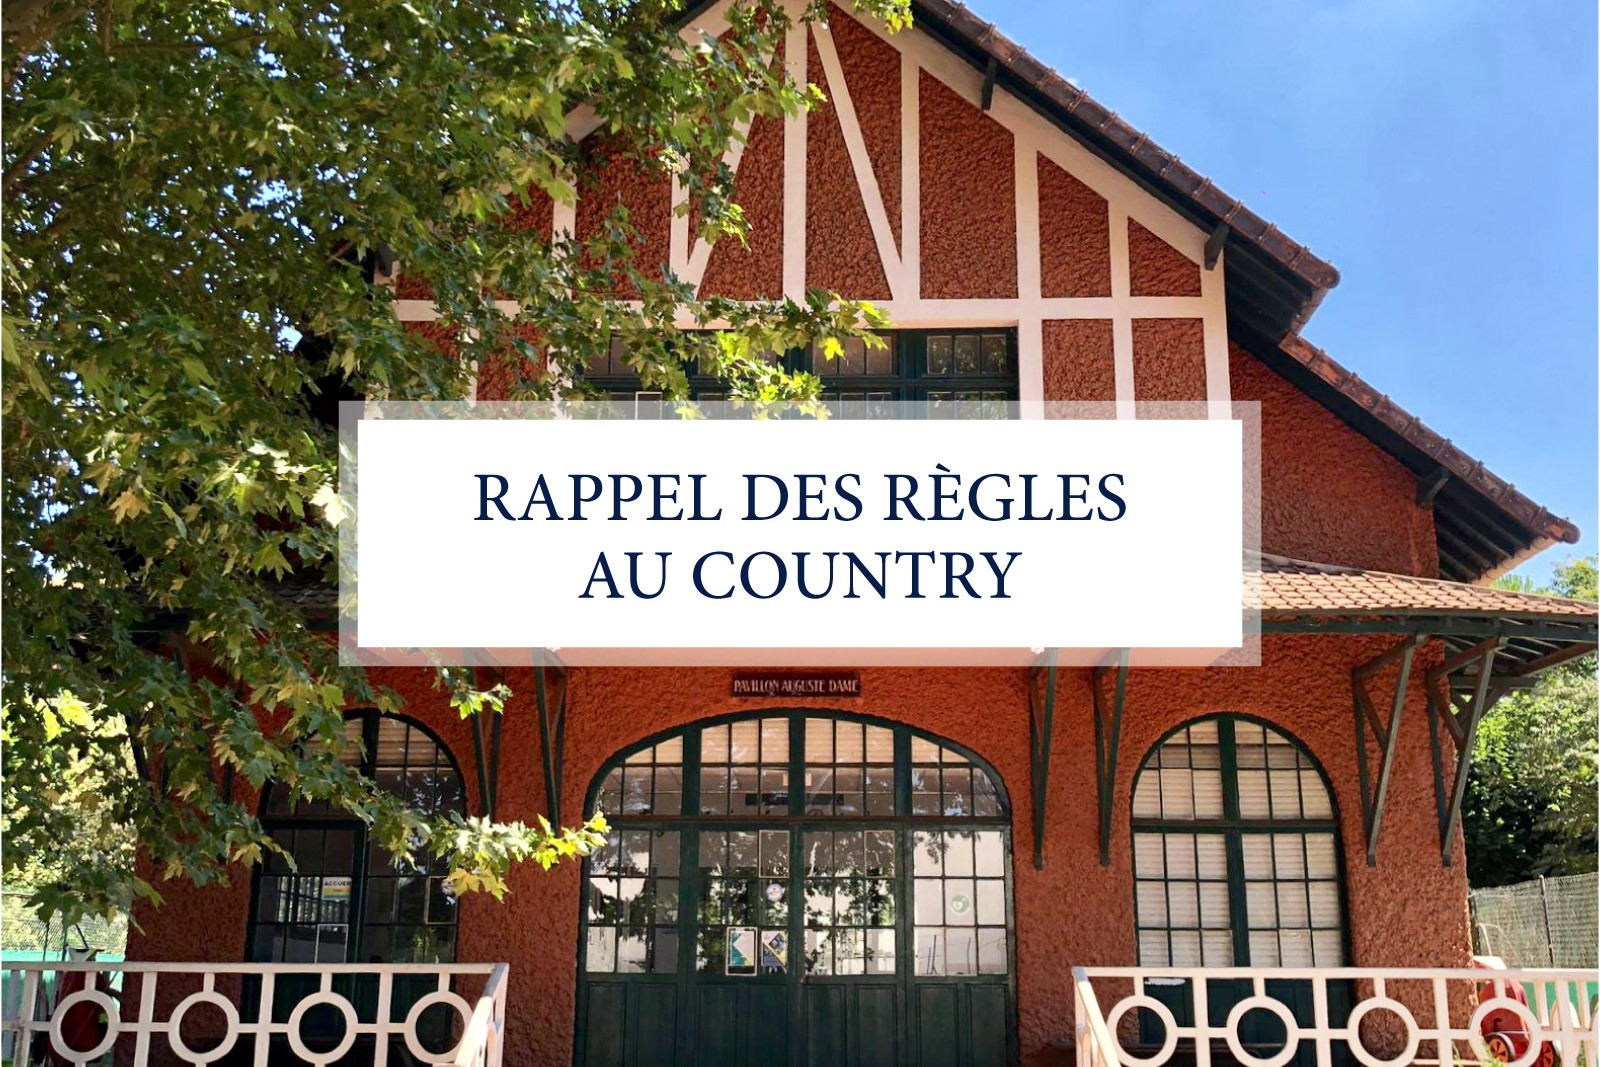 RAPPEL DES RÈGLES AU COUNTRY